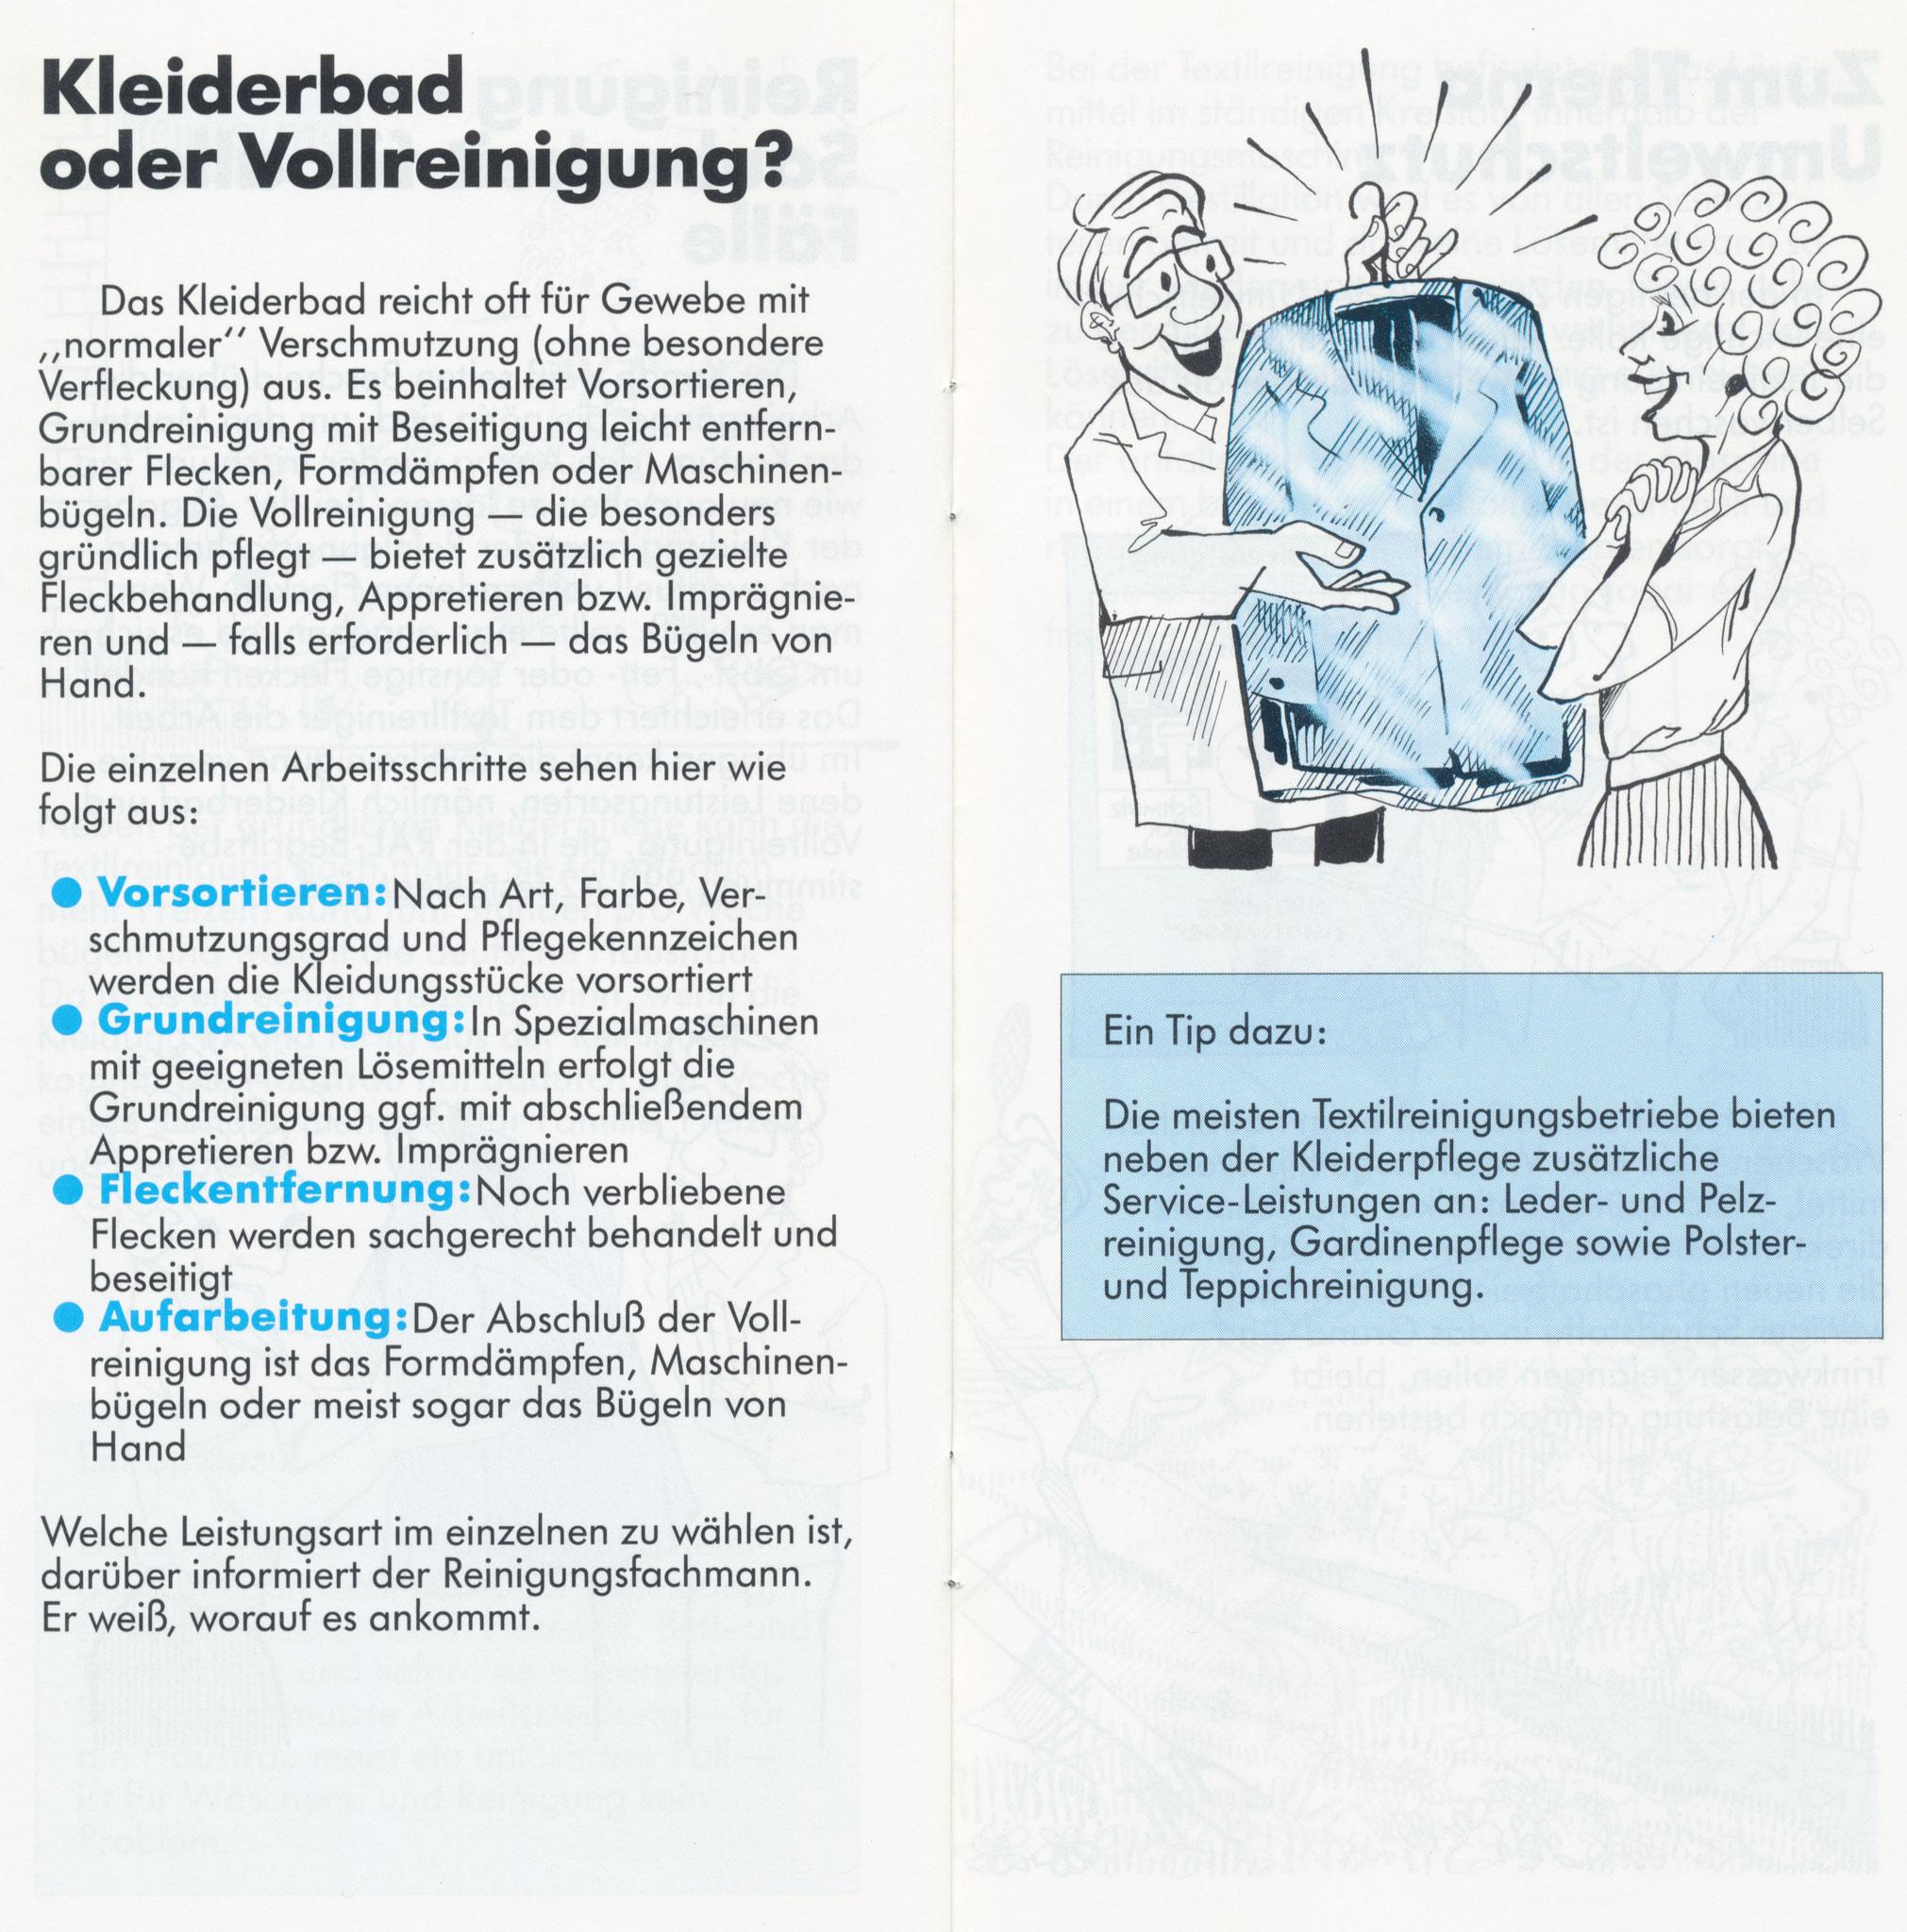 1980 Müden Arbeitskreis Textilreinigung:  Seite 9, Kleiderbad